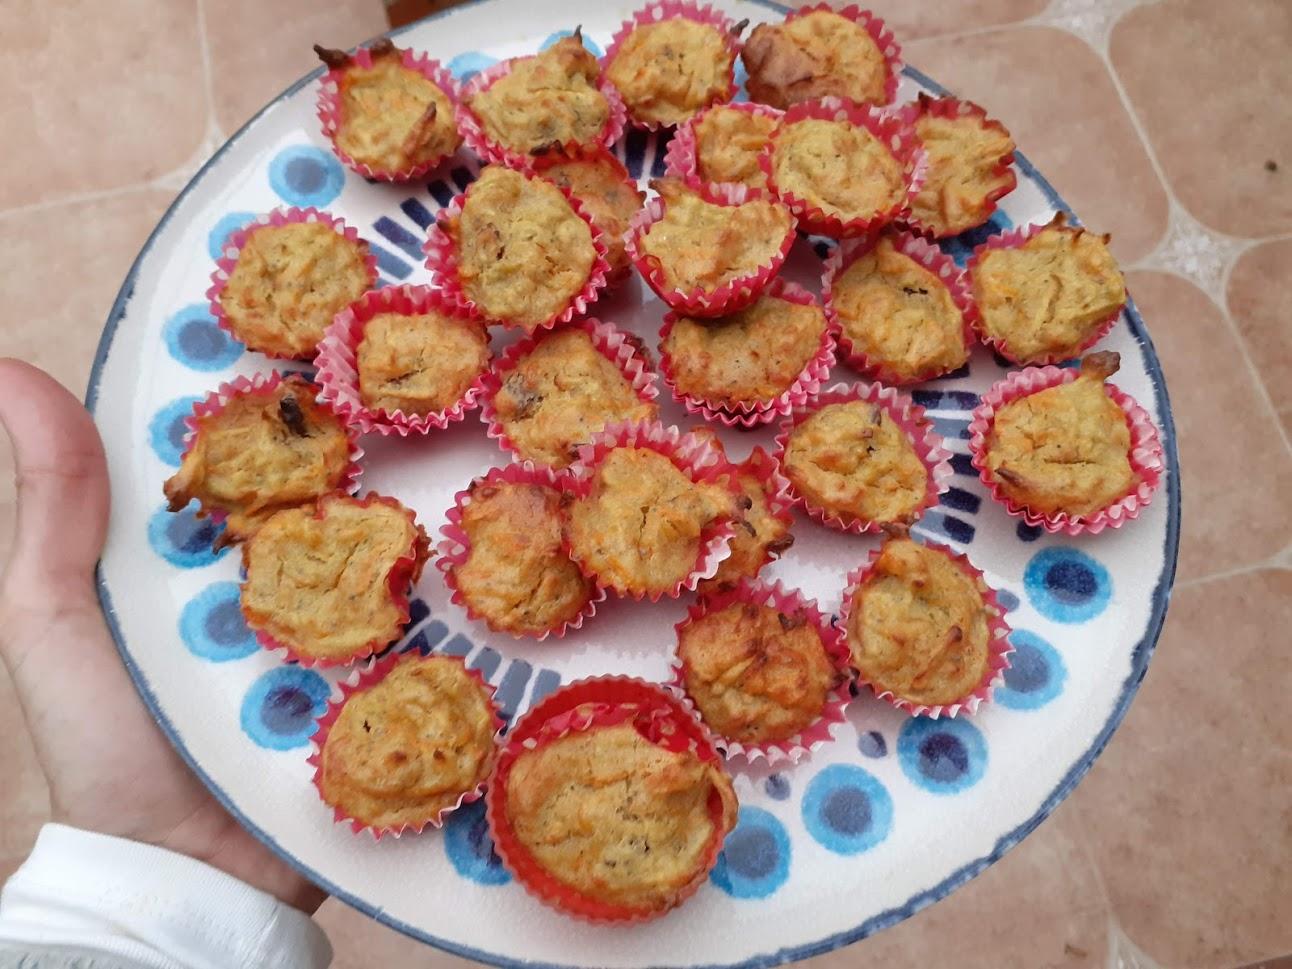 Magdalenas de manzana y zanahoria, receta blw.